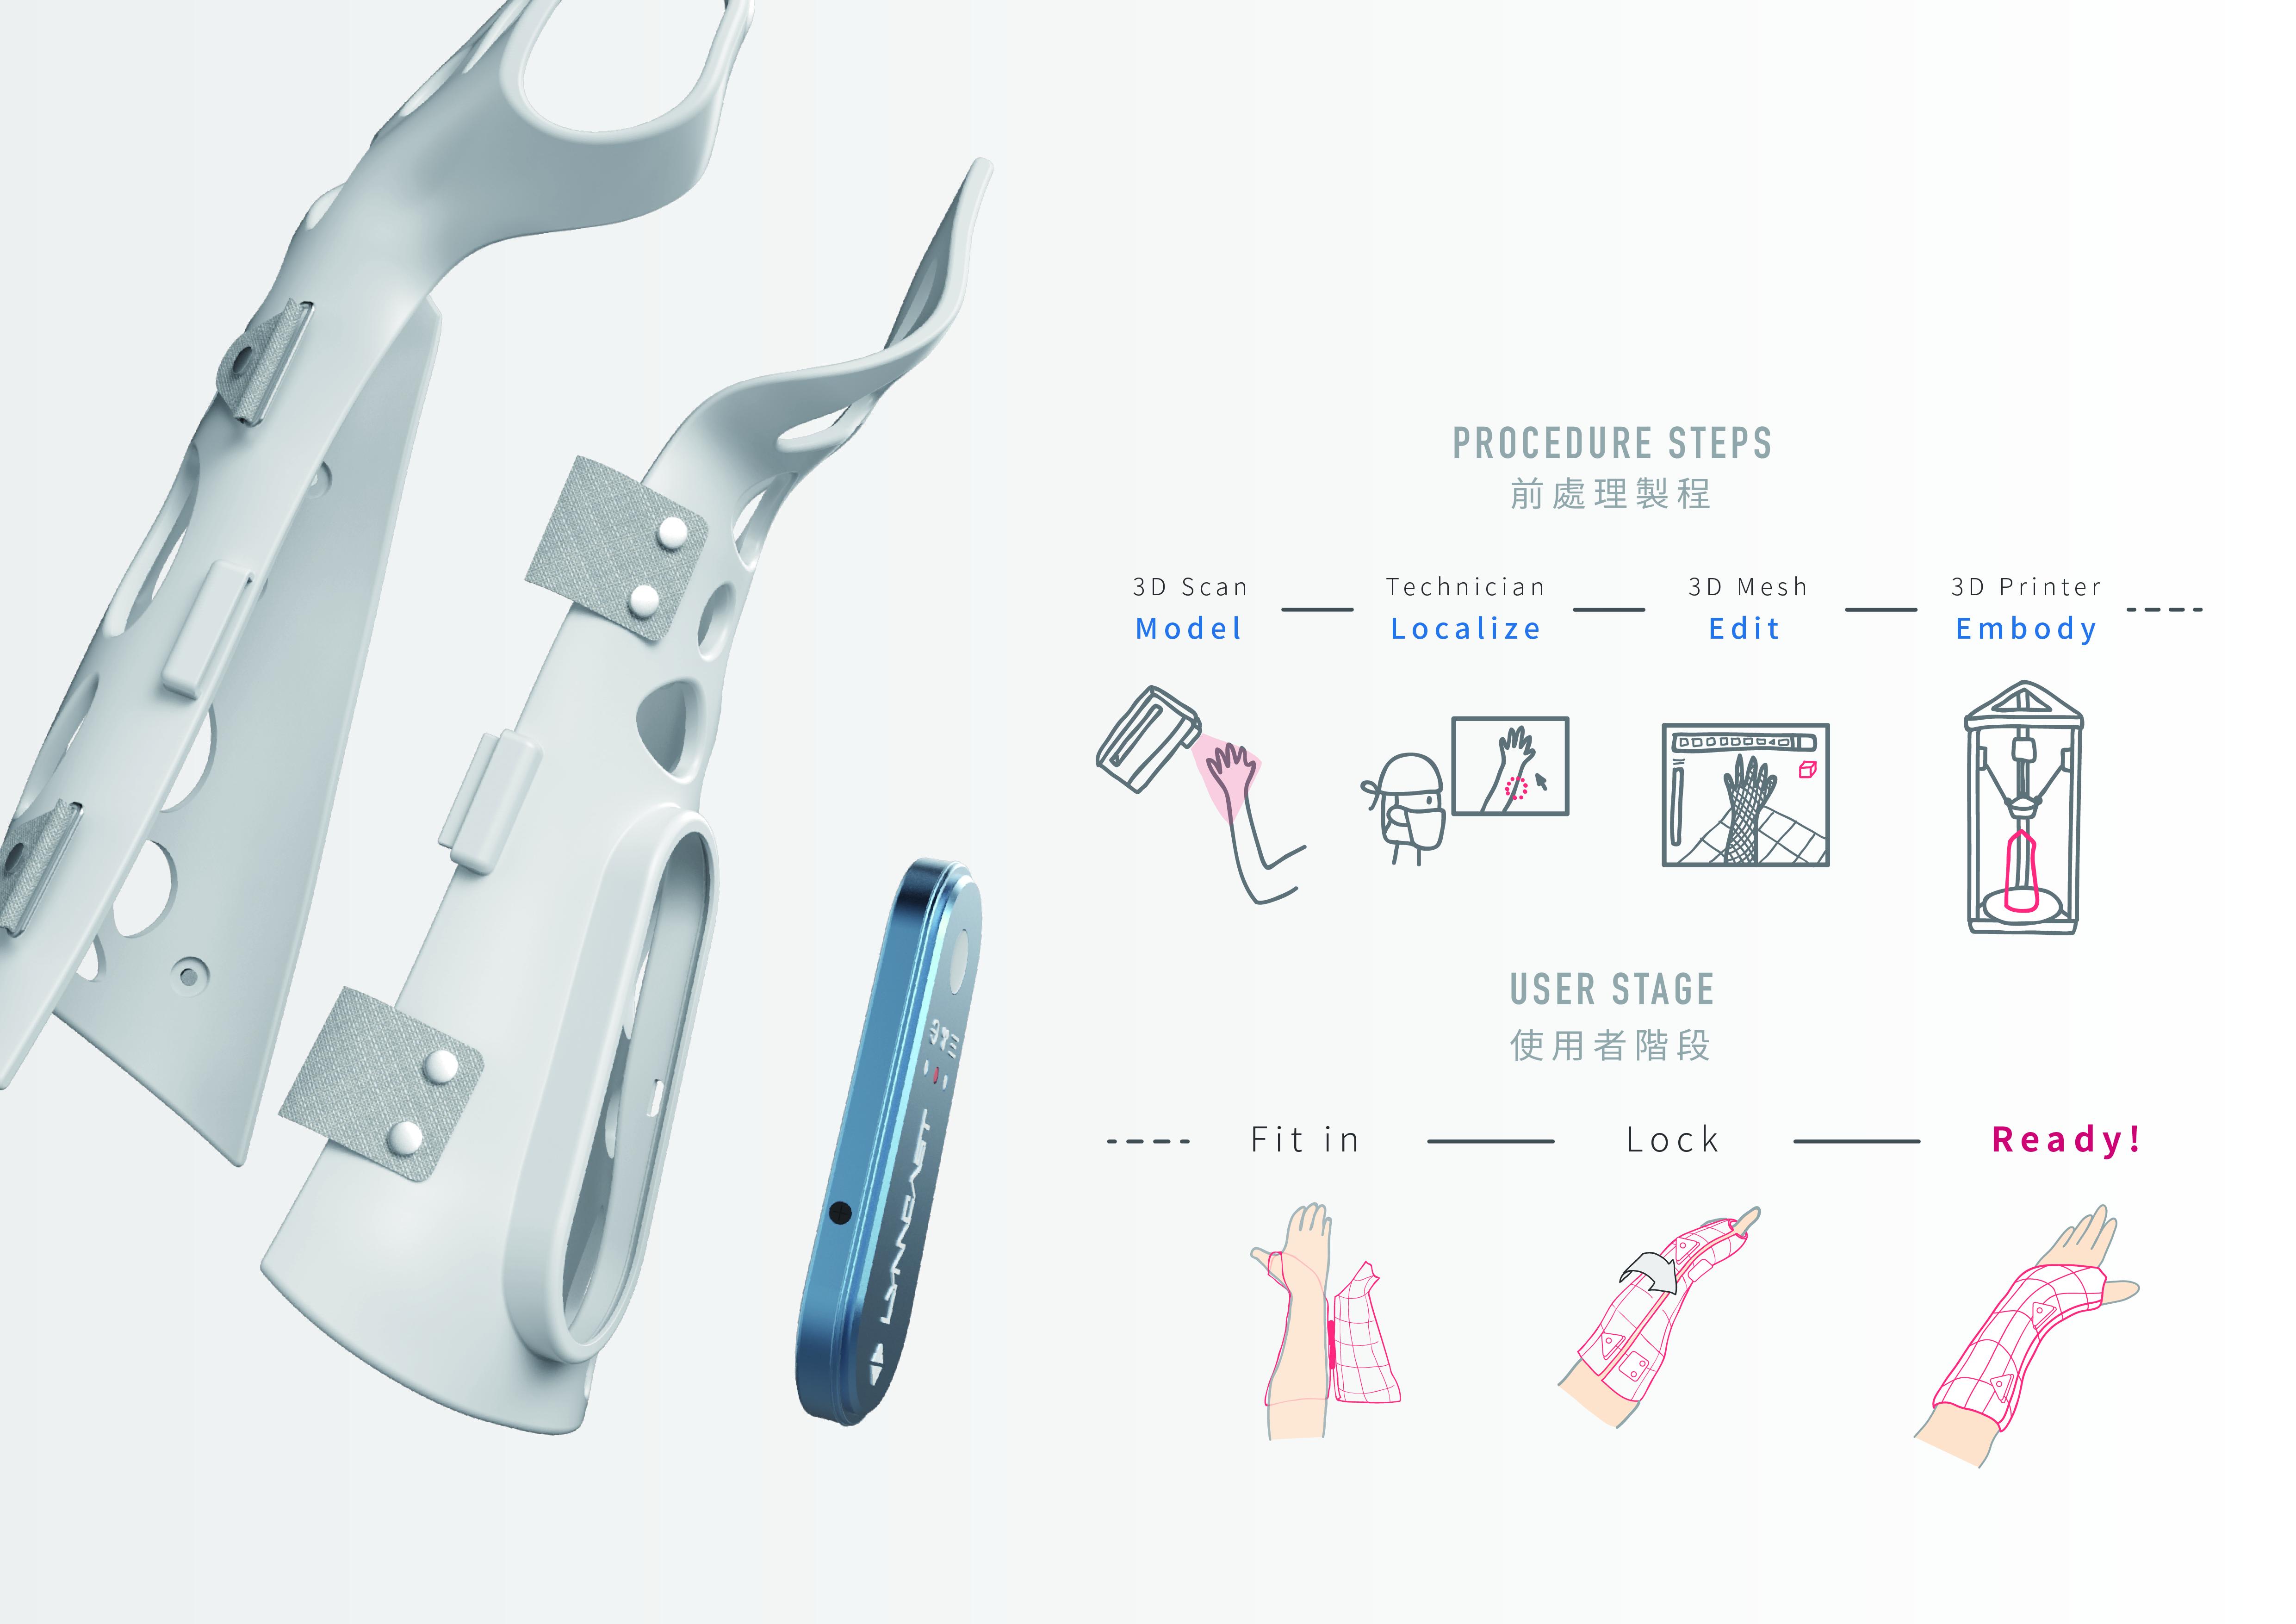 洗腎病患的穿戴式裝置製程流程